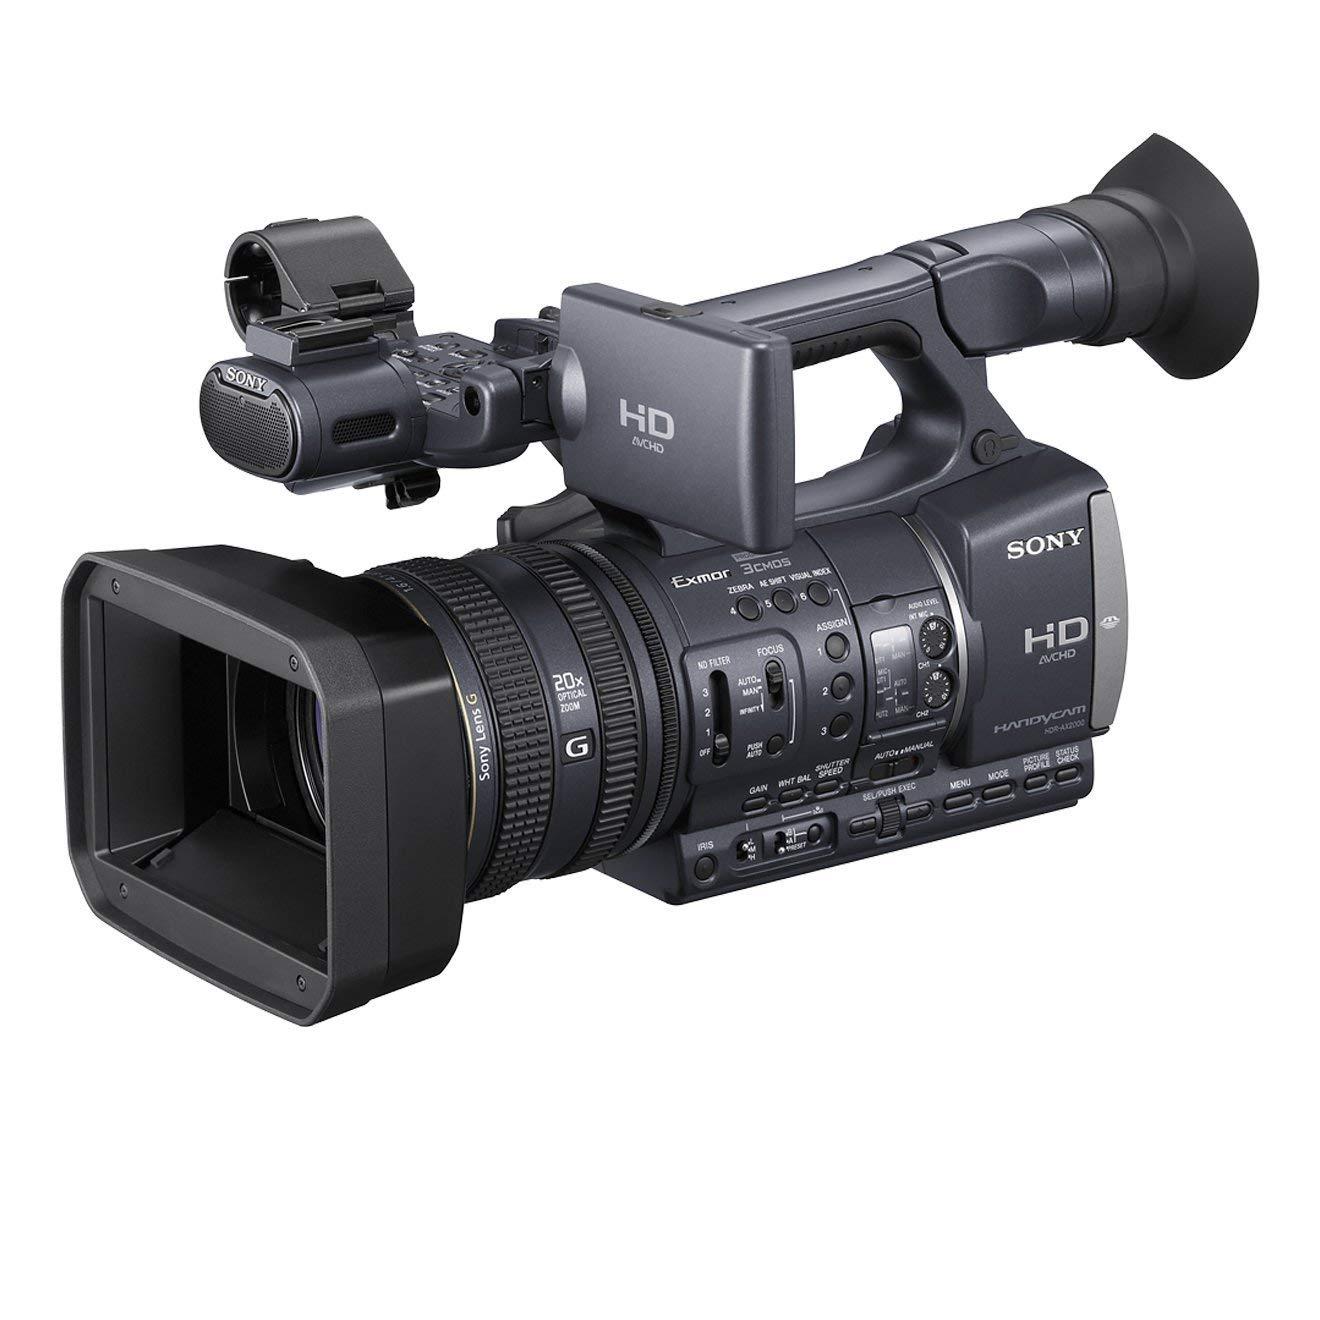 """Sony HDRAX2000EH - Videocámara profesional (1.12 Mp, pantalla de 3.2"""", zoom óptico 20x, estabilizador), negro"""